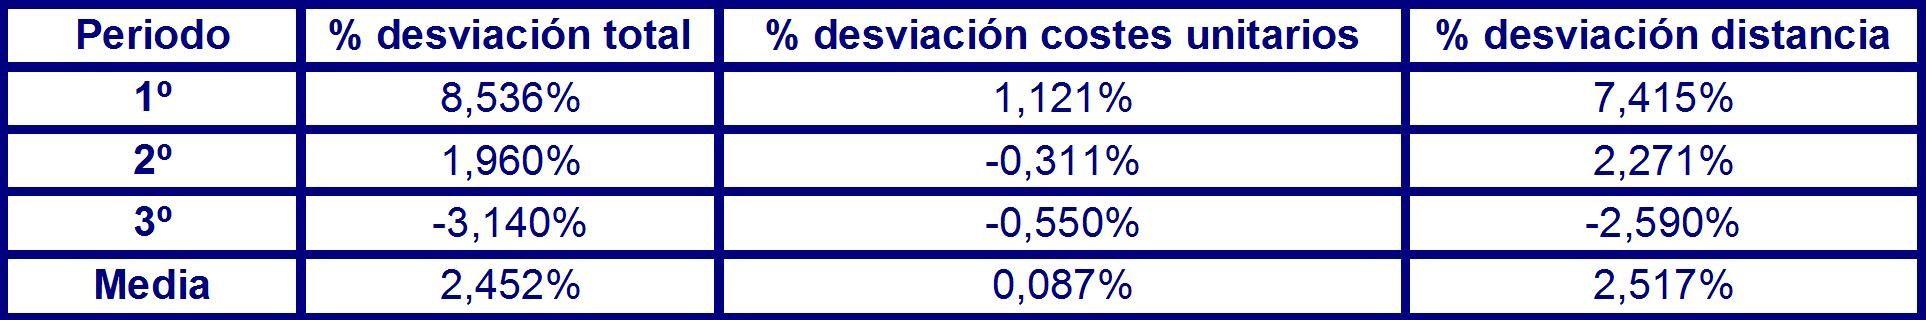 Tabla 48 de desviación total costes en el corto plazo